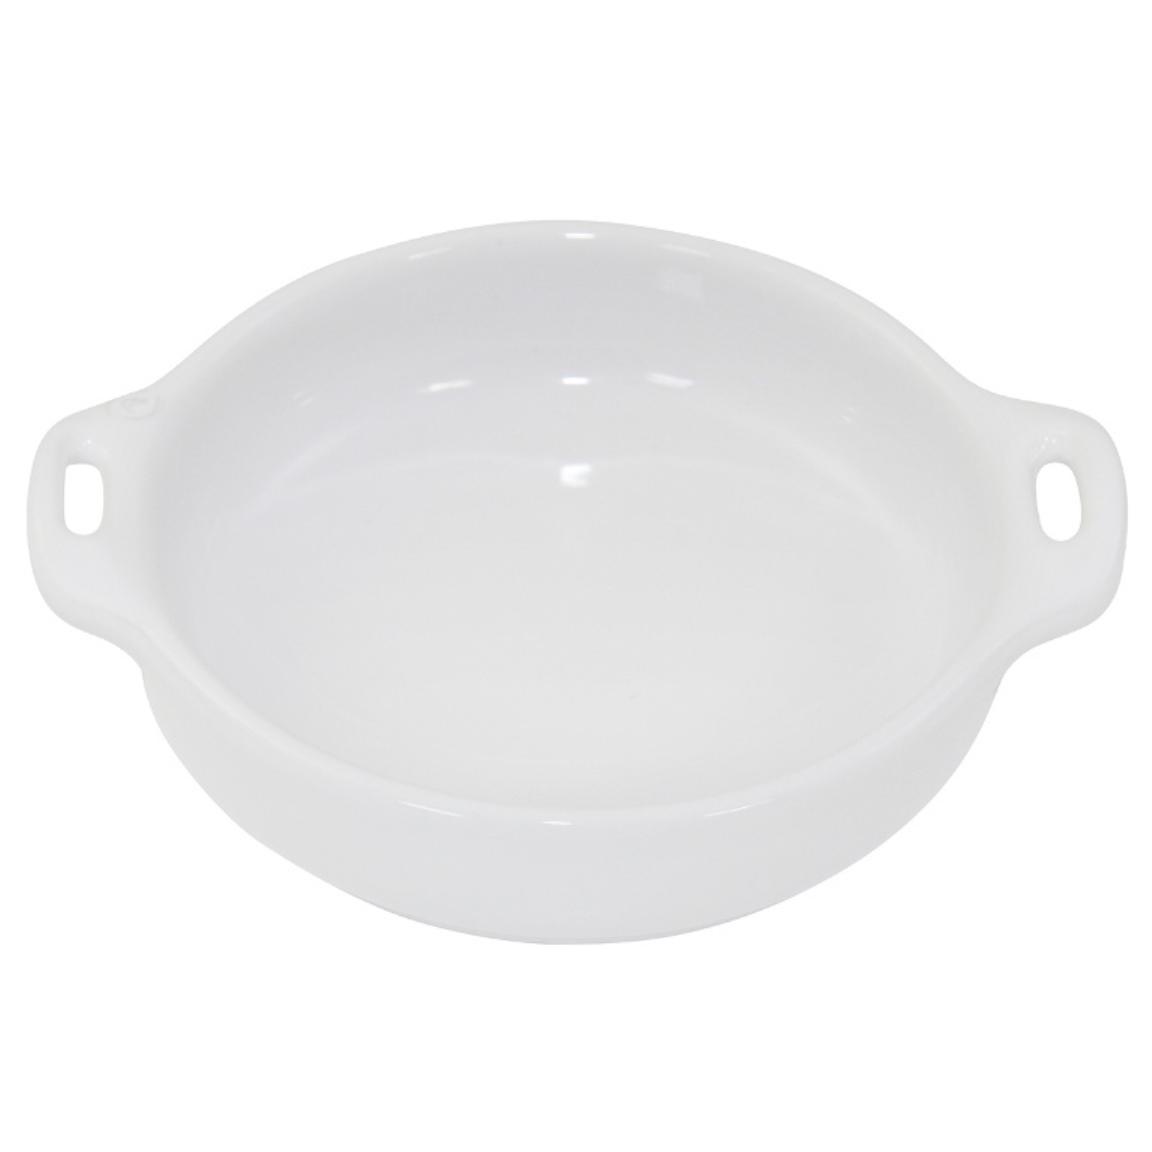 Форма длякрем-брюле 14,5 см Appolia Harmonie WHITE 223514501